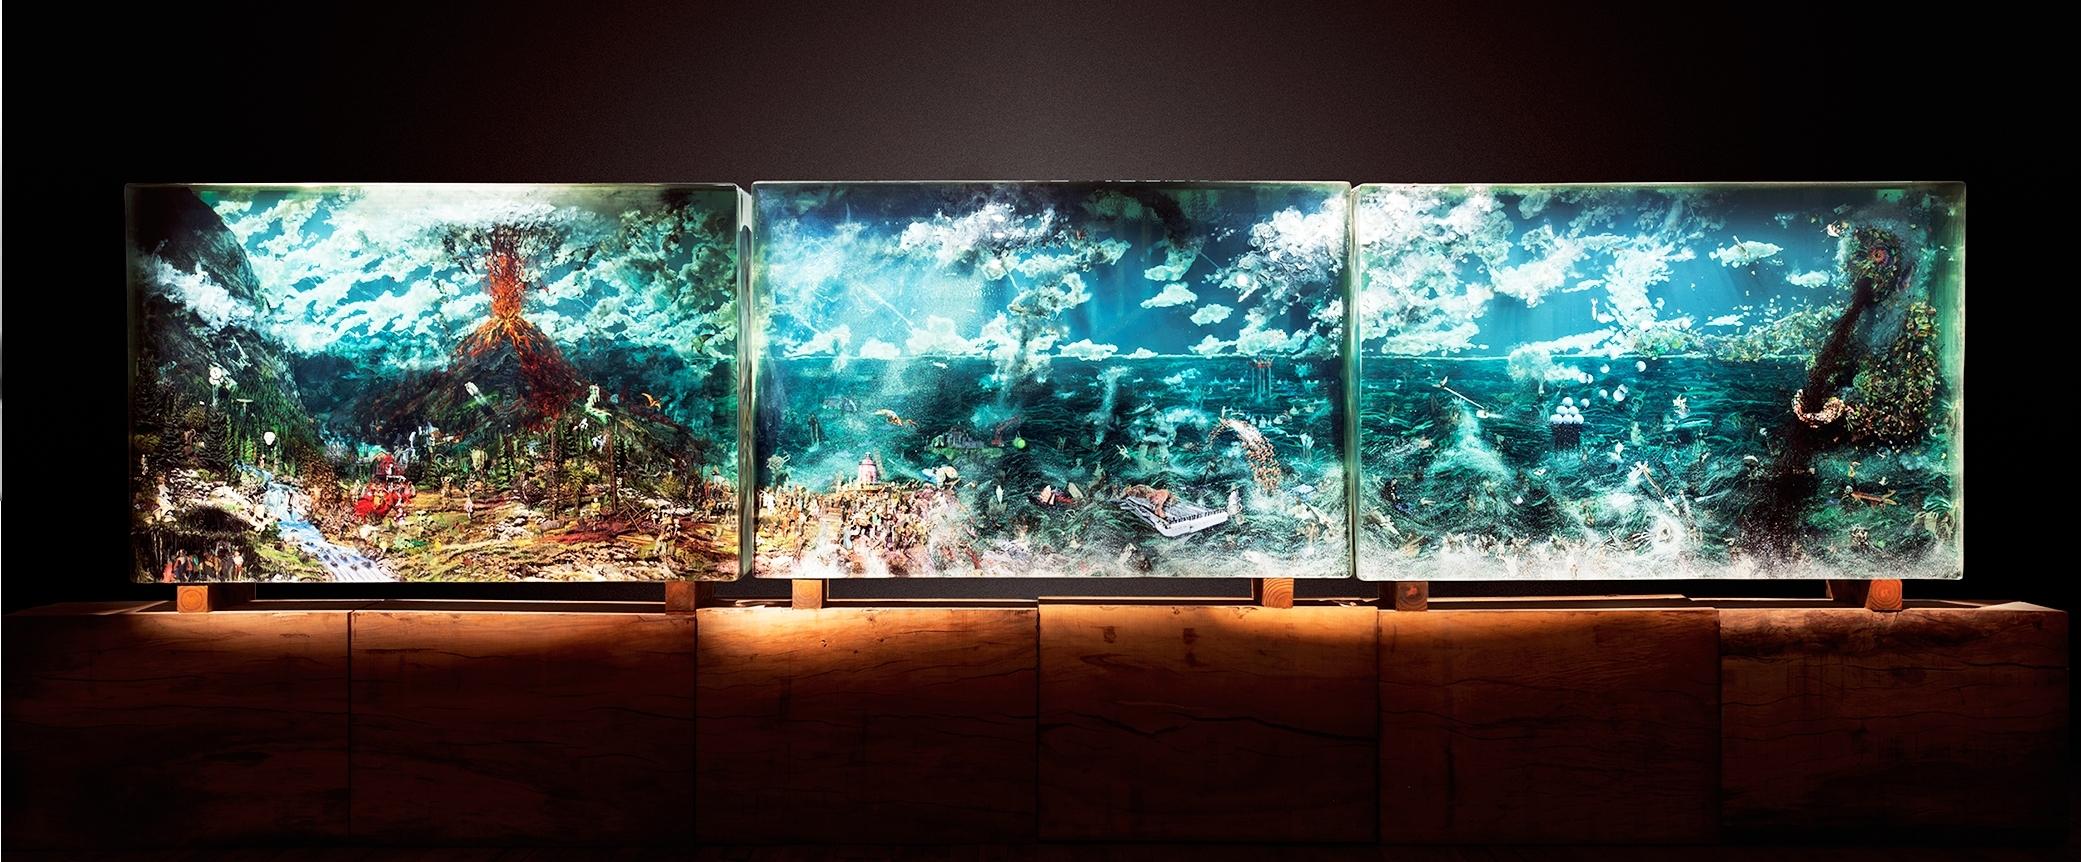 Dustin Yellin Artists On Art